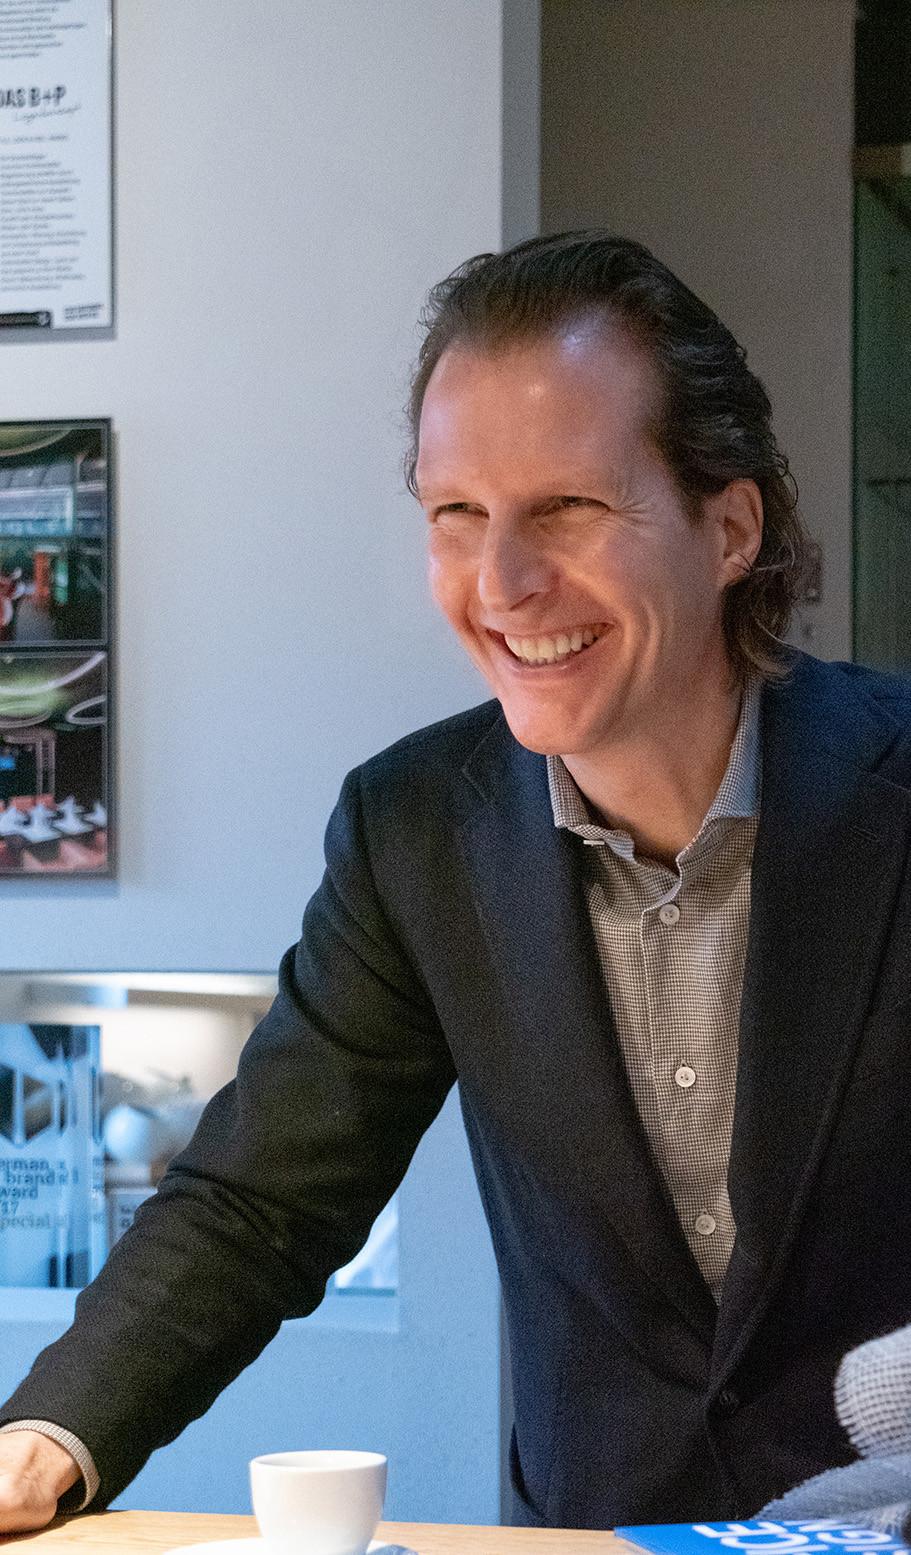 Olav Gutting MdB im Gespräch über die virlight in Bad Schönborn